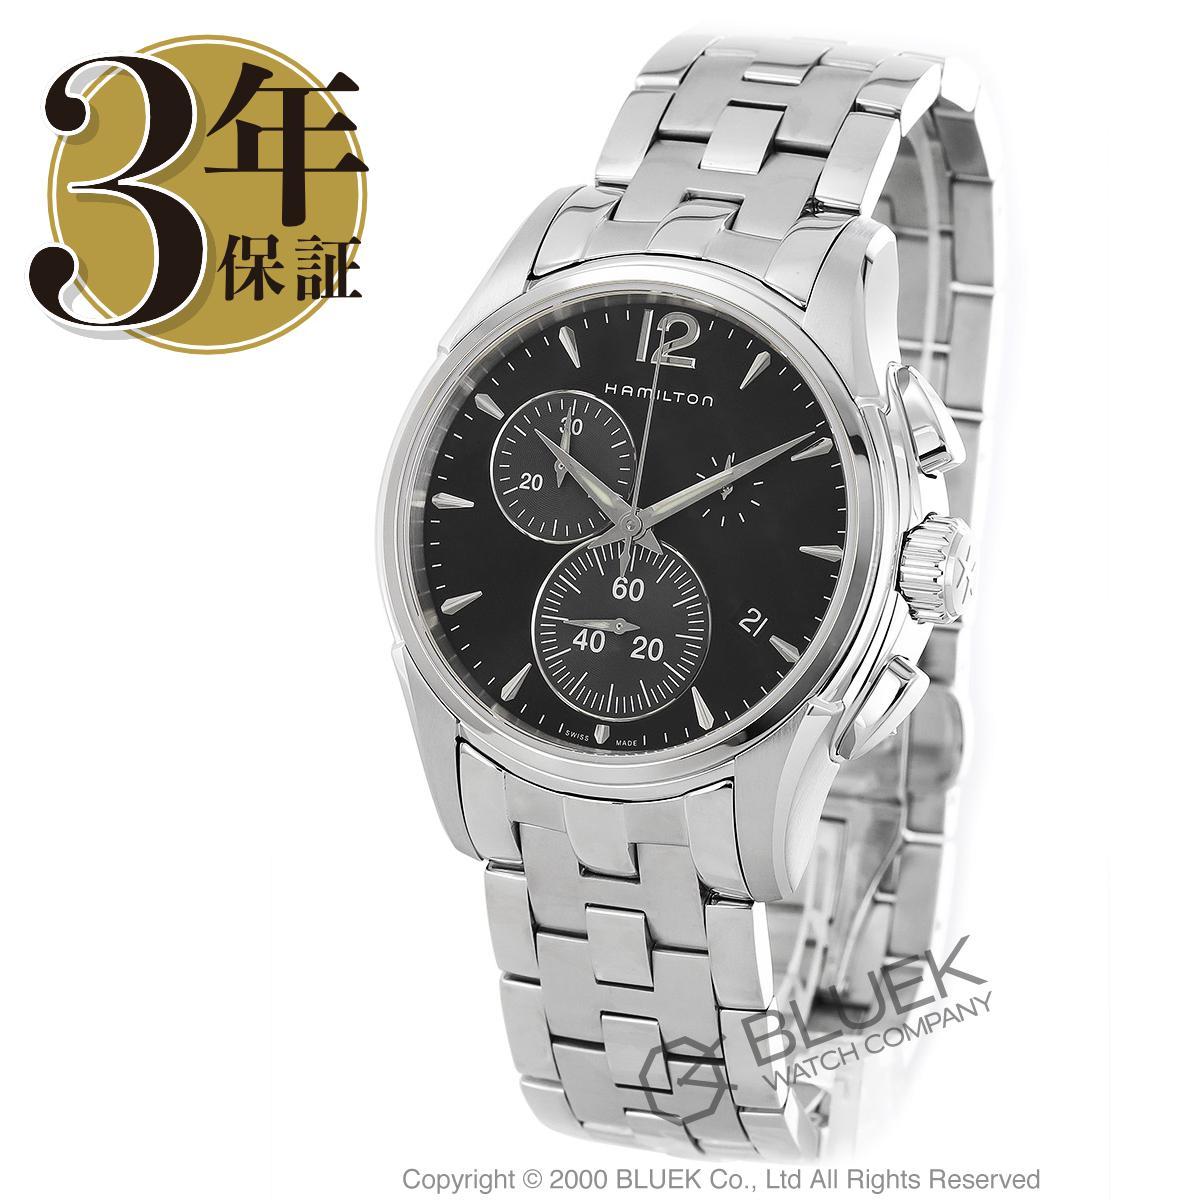 ハミルトン ジャズマスター クロノクオーツ クロノグラフ 腕時計 メンズ HAMILTON H32612131_3